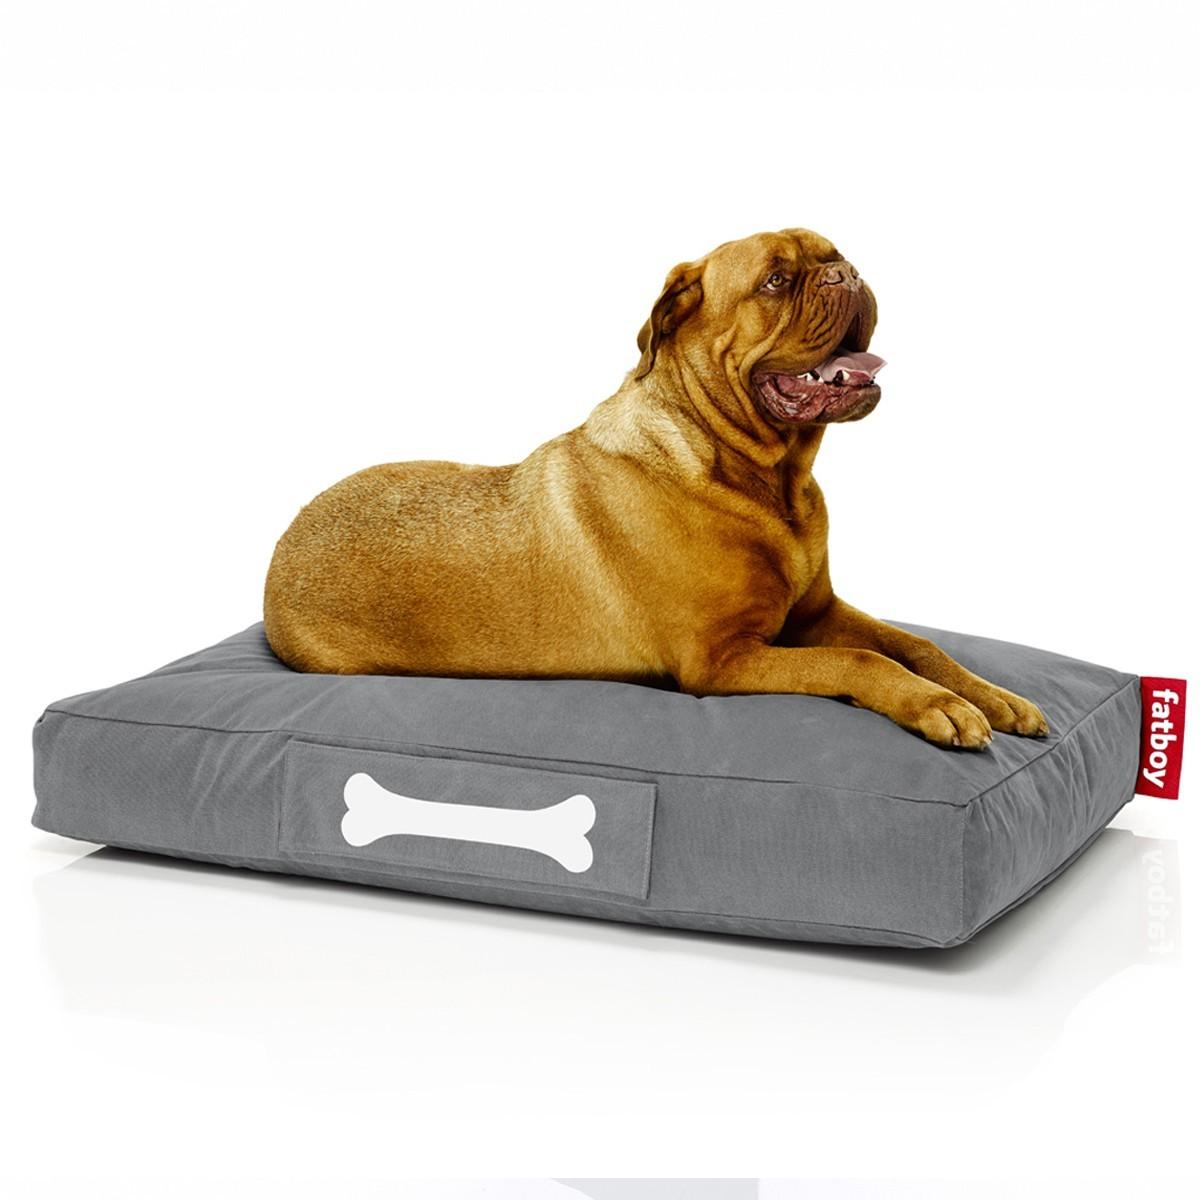 Coussin pour chien doggielounge stonewashed de fatboy grand mod le 10 coloris - Coussin de sol fatboy ...